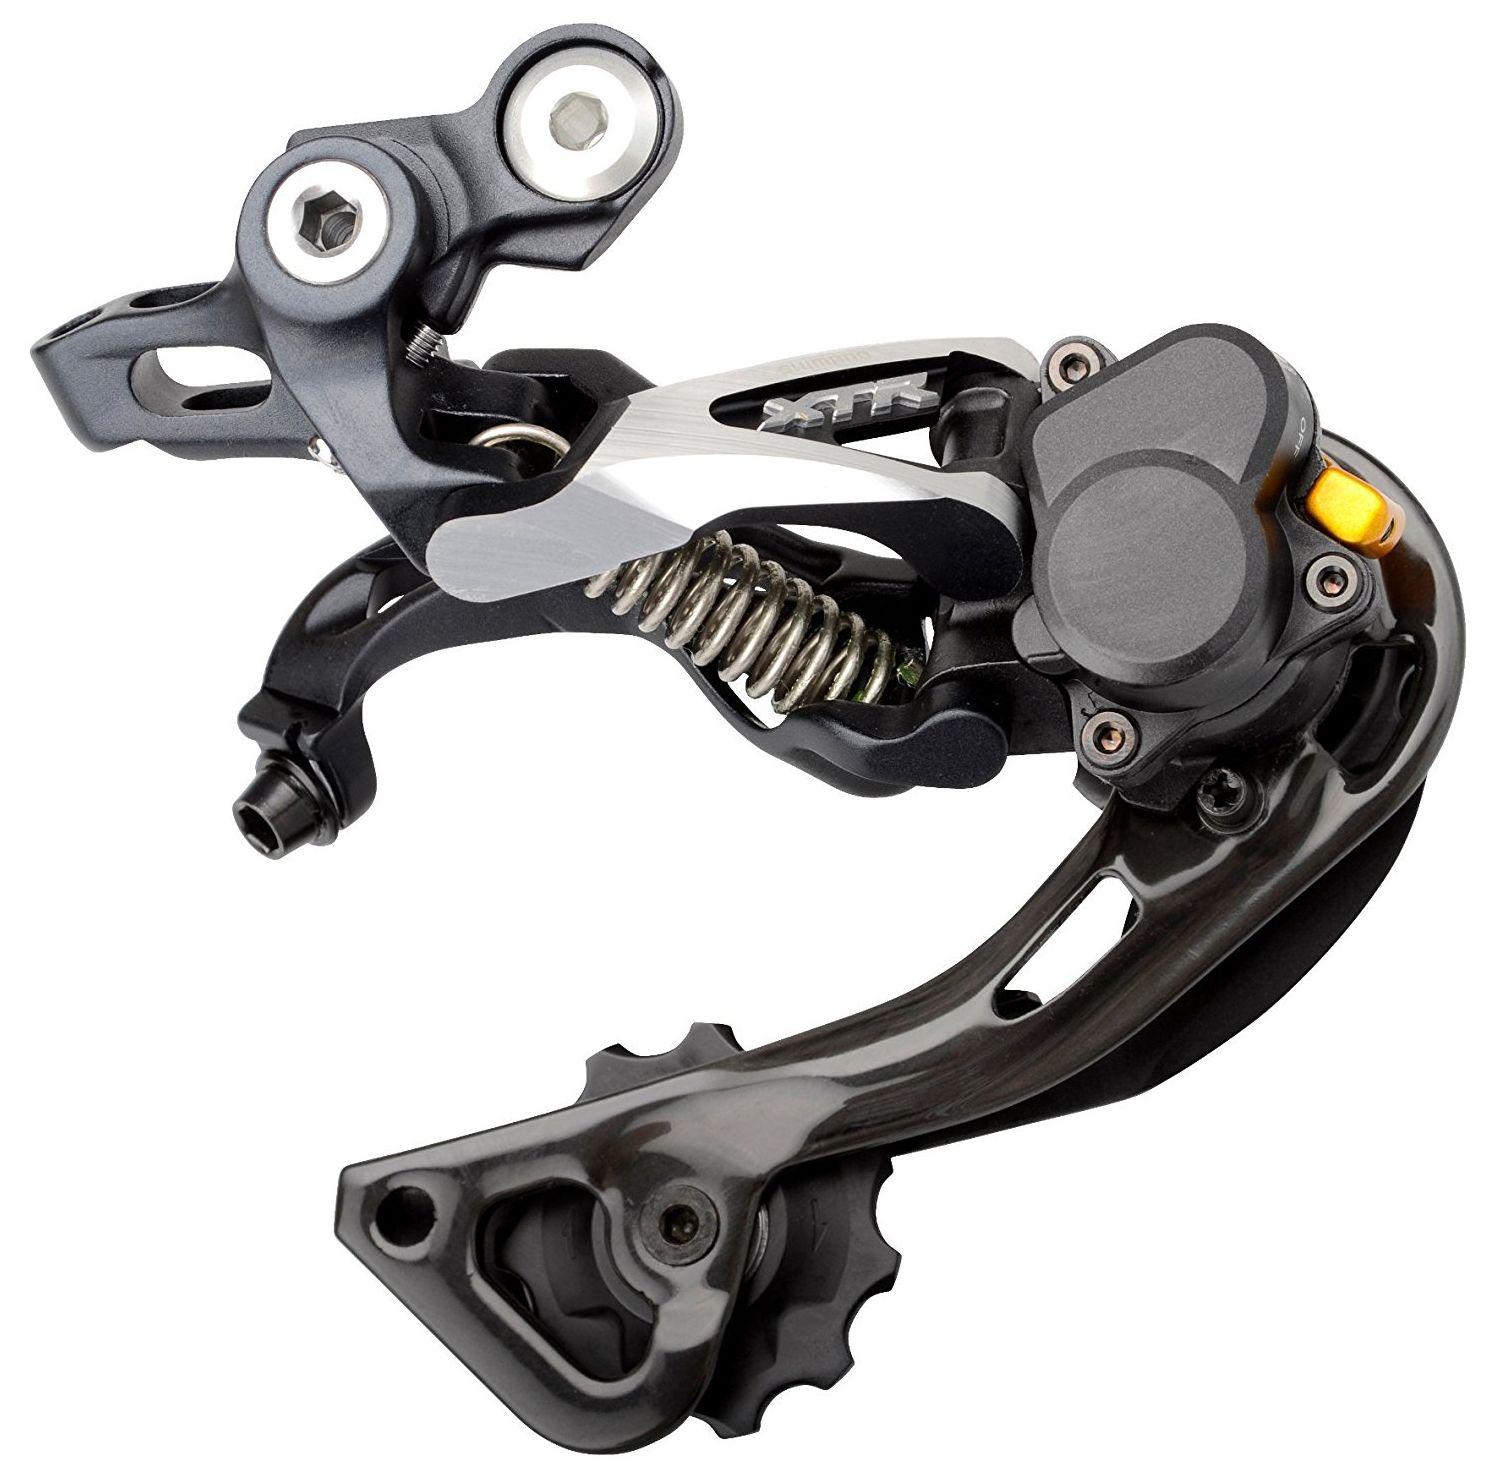 Запчасть Shimano XTR M986 (IRDM986GS),  переключение  - артикул:285103